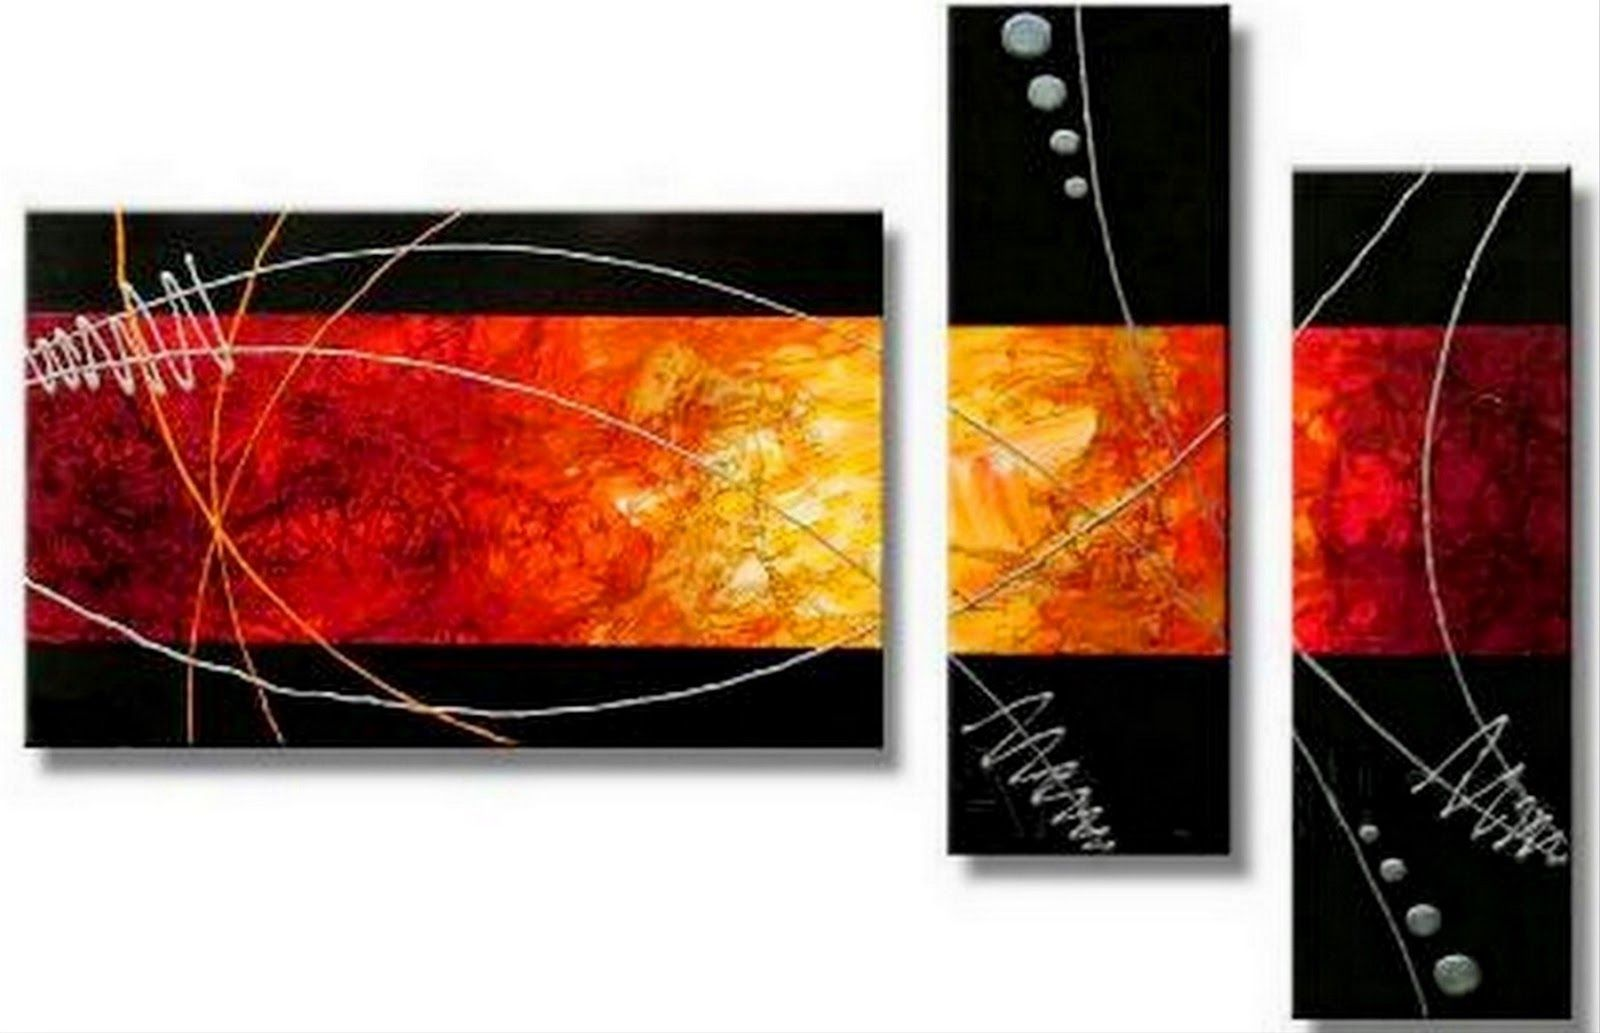 Cuadros tr pticos abstractos con textura im genes arte - Fotos cuadros abstractos ...